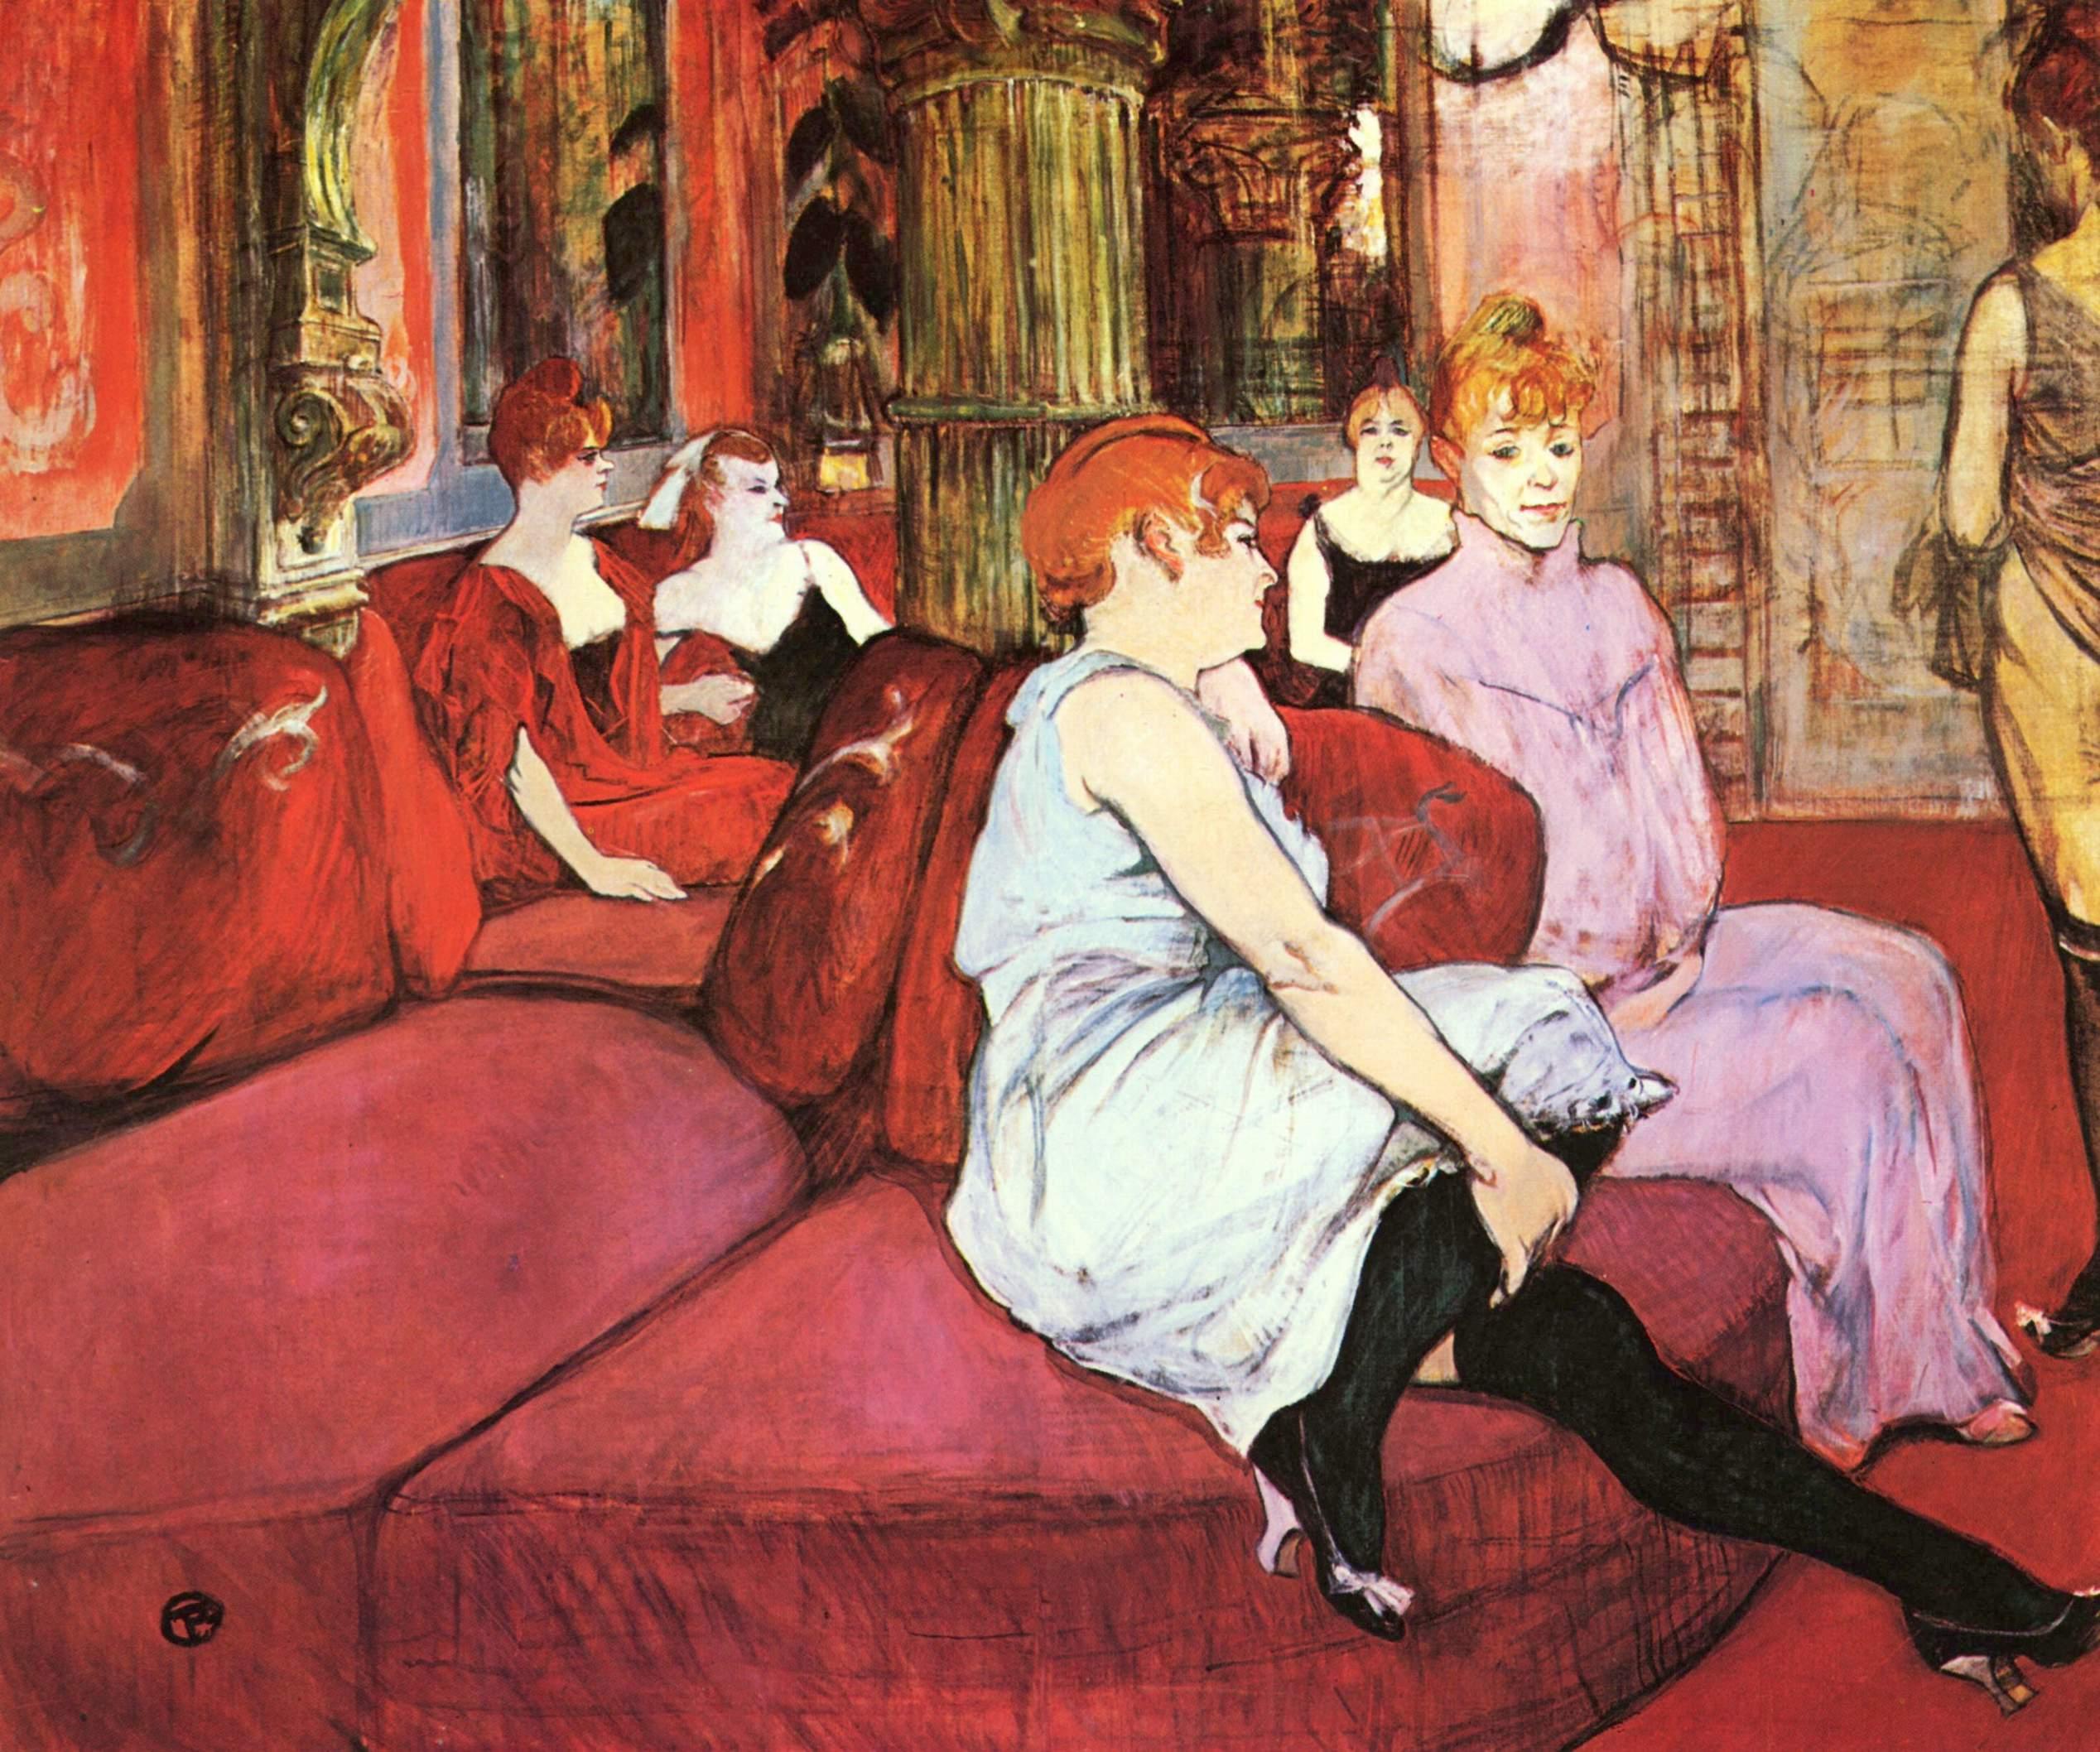 In Salon of Rue des Moulins.1894